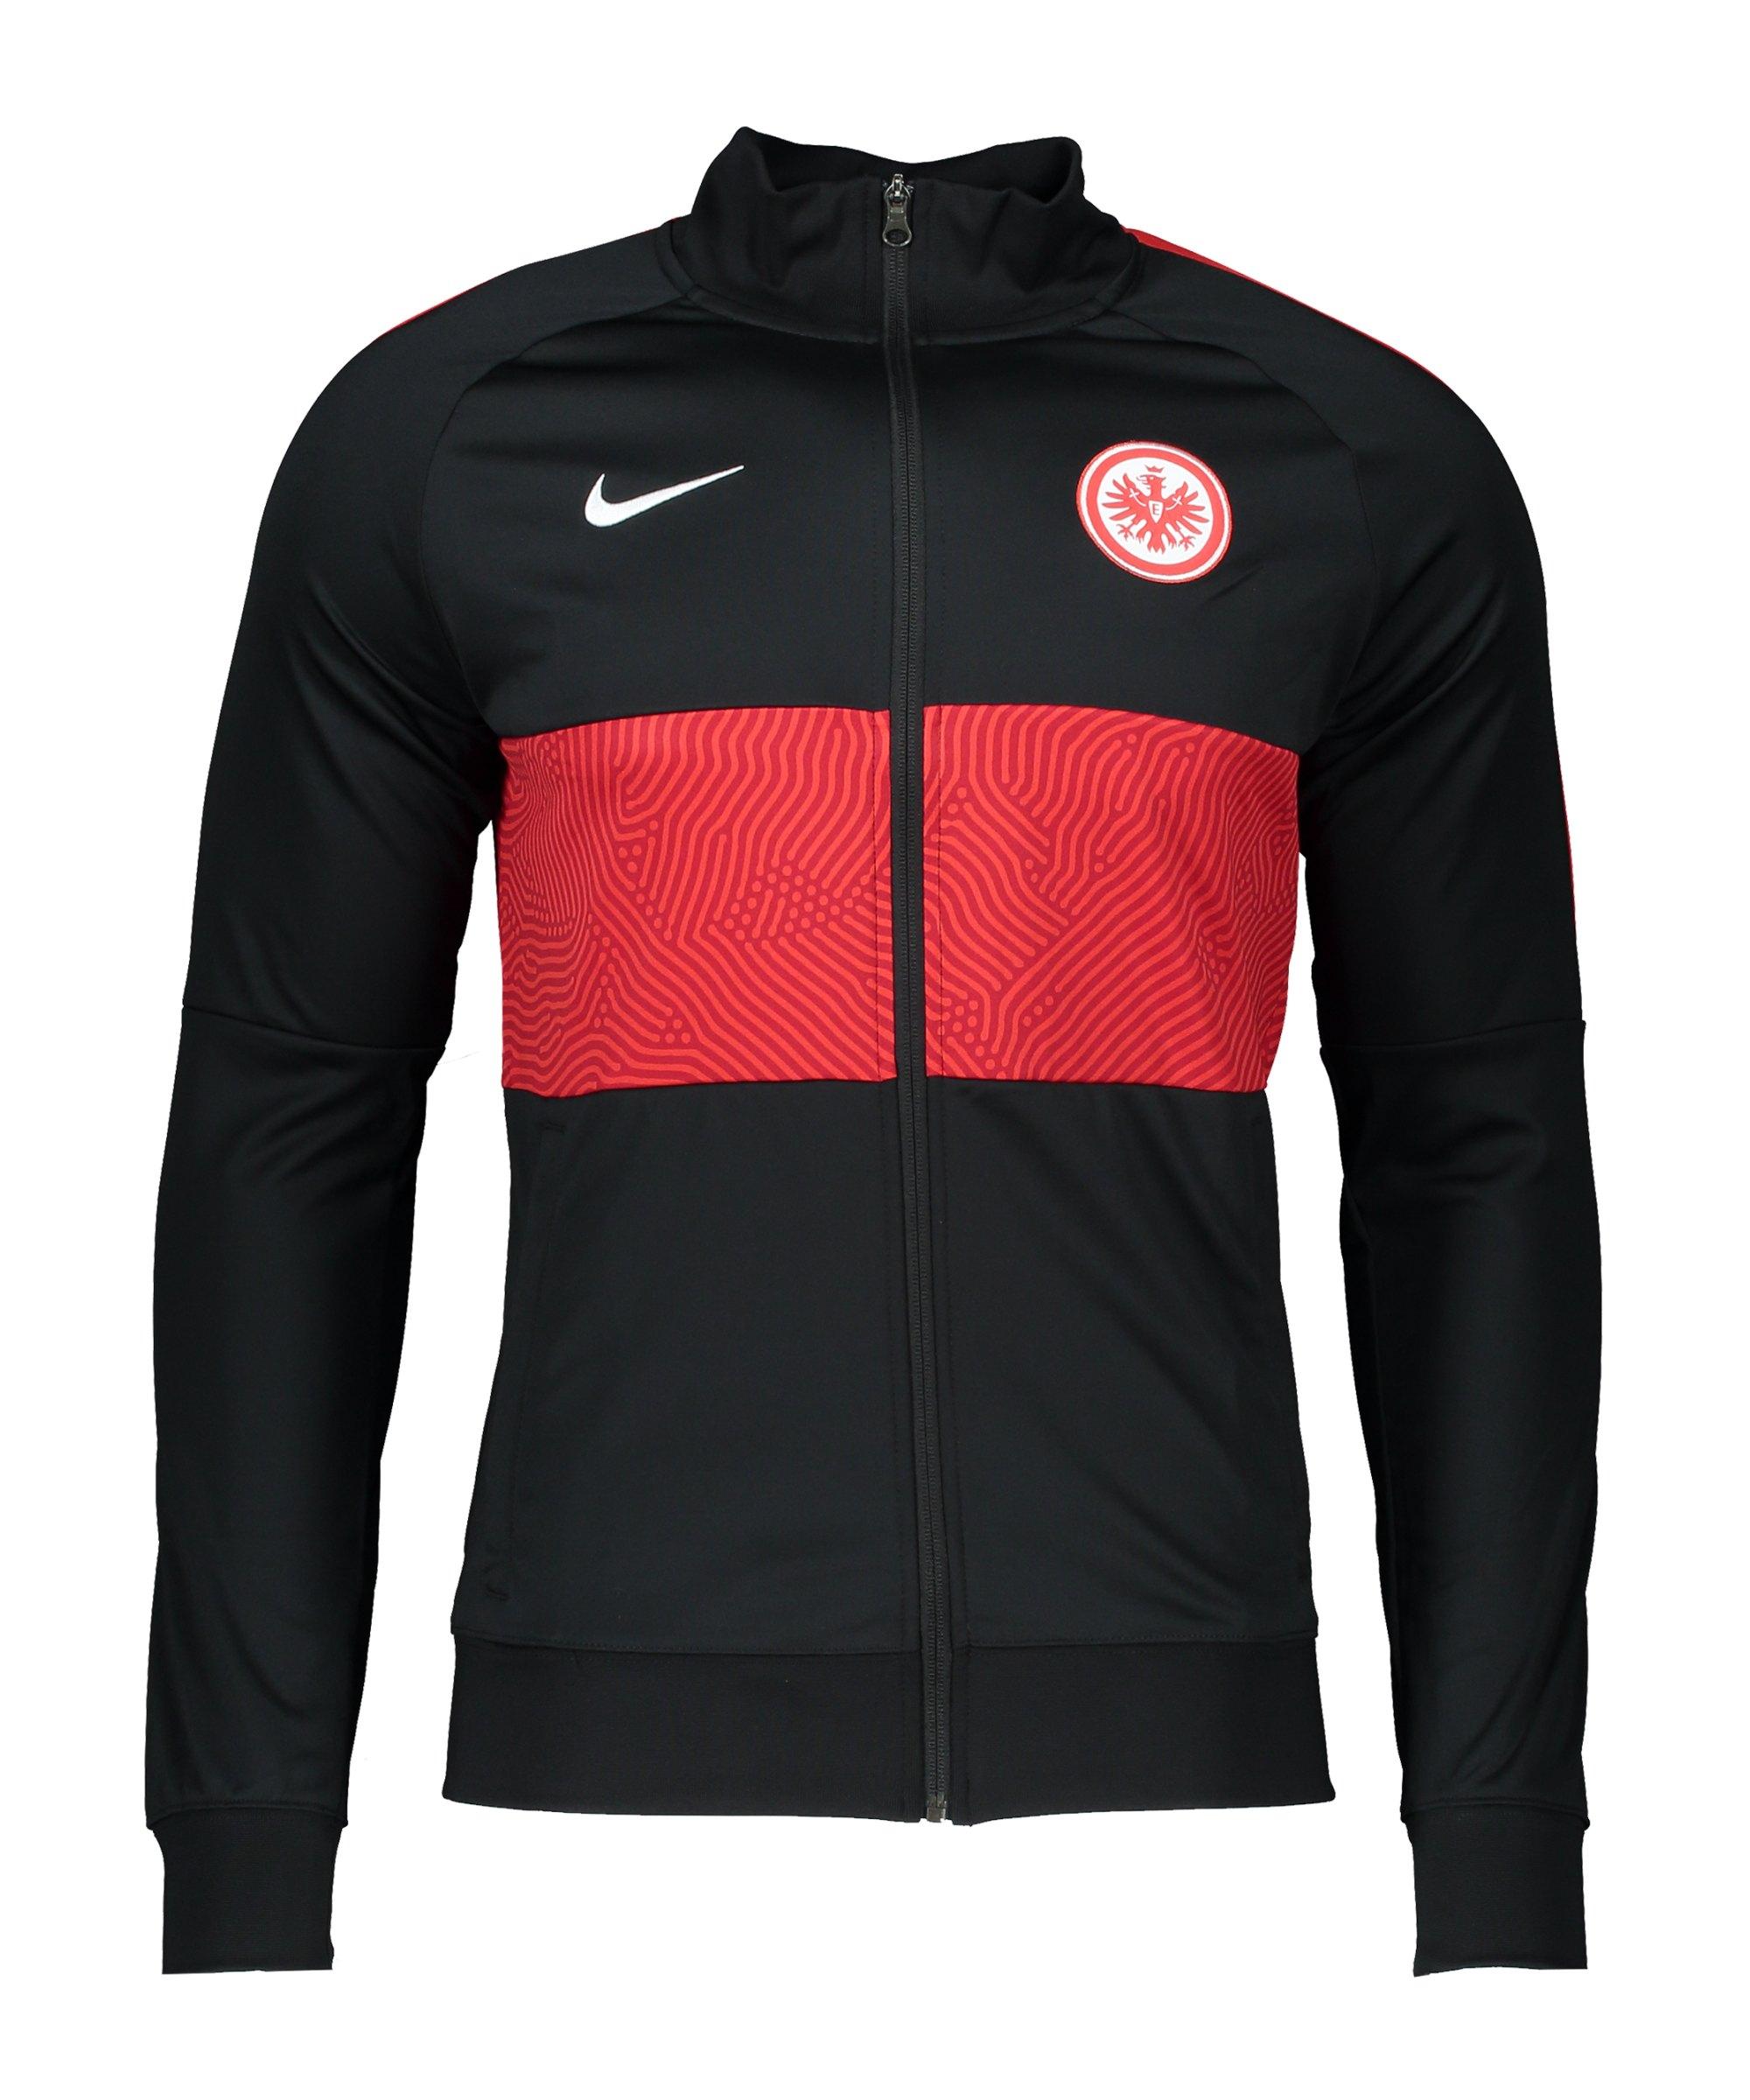 Nike Eintracht Frankfurt I96 Anthem Jacke F010 - schwarz